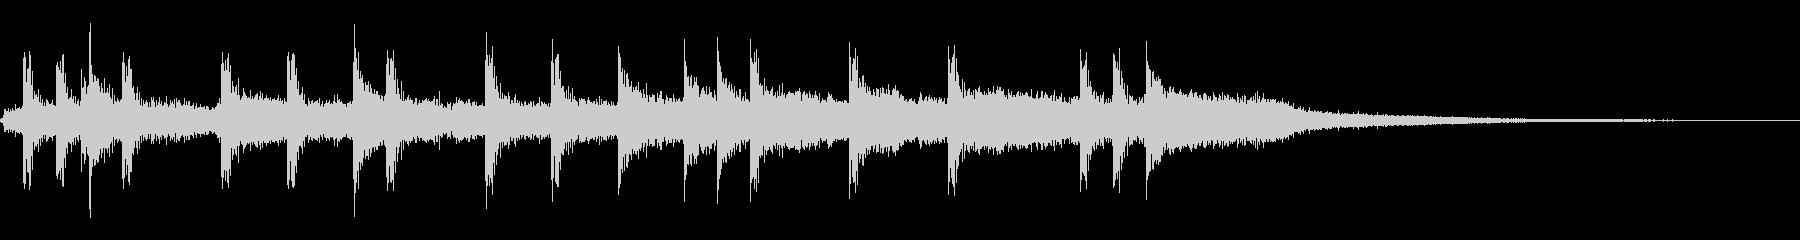 ロックファンクなジングル3の未再生の波形